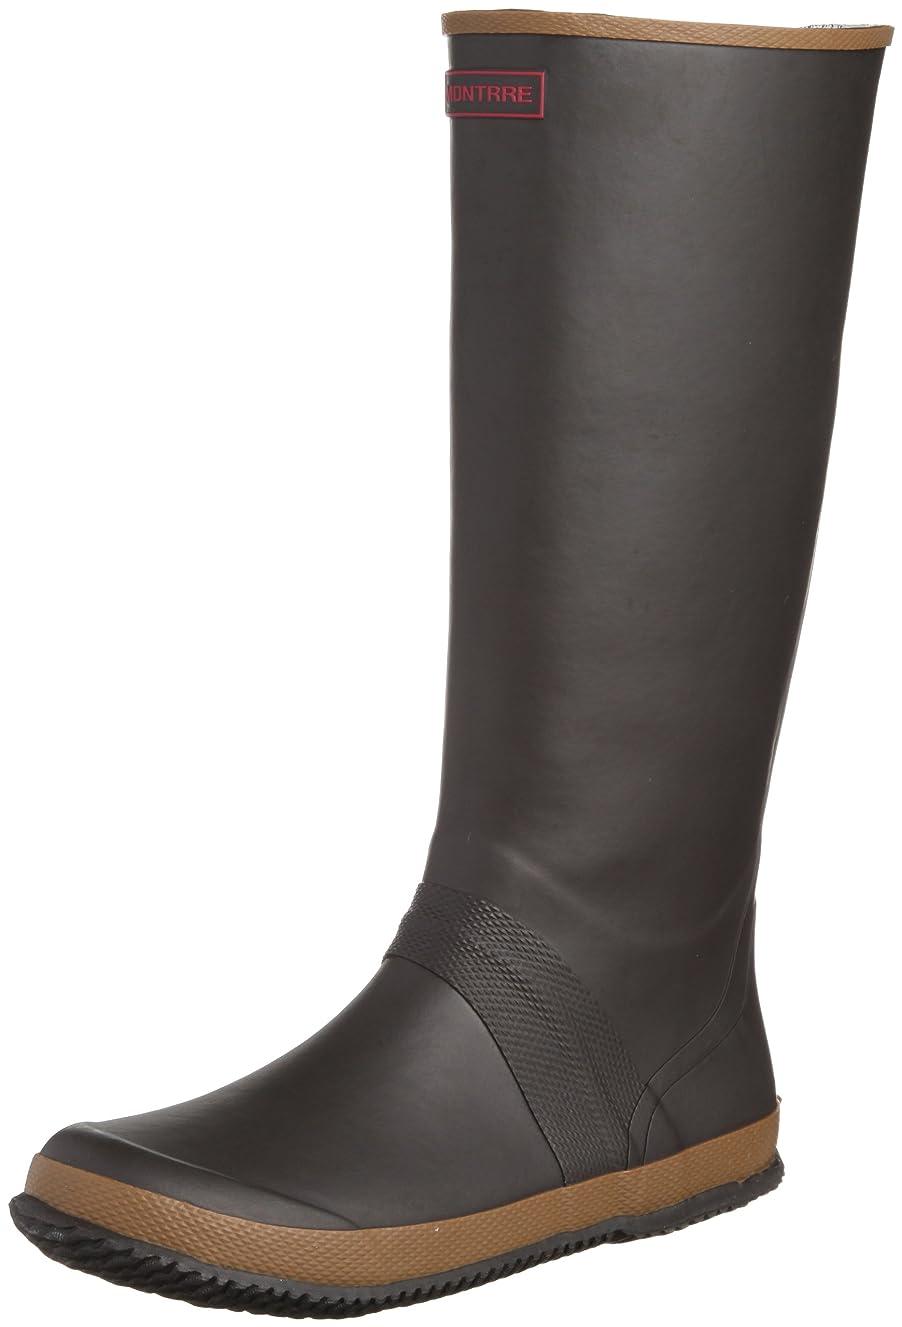 肥料有名サイトライン[アキレス] レインブーツ 長靴 軽量 折りたたみ可能 収納バック付 レディース フィットパッカ ILB 0760